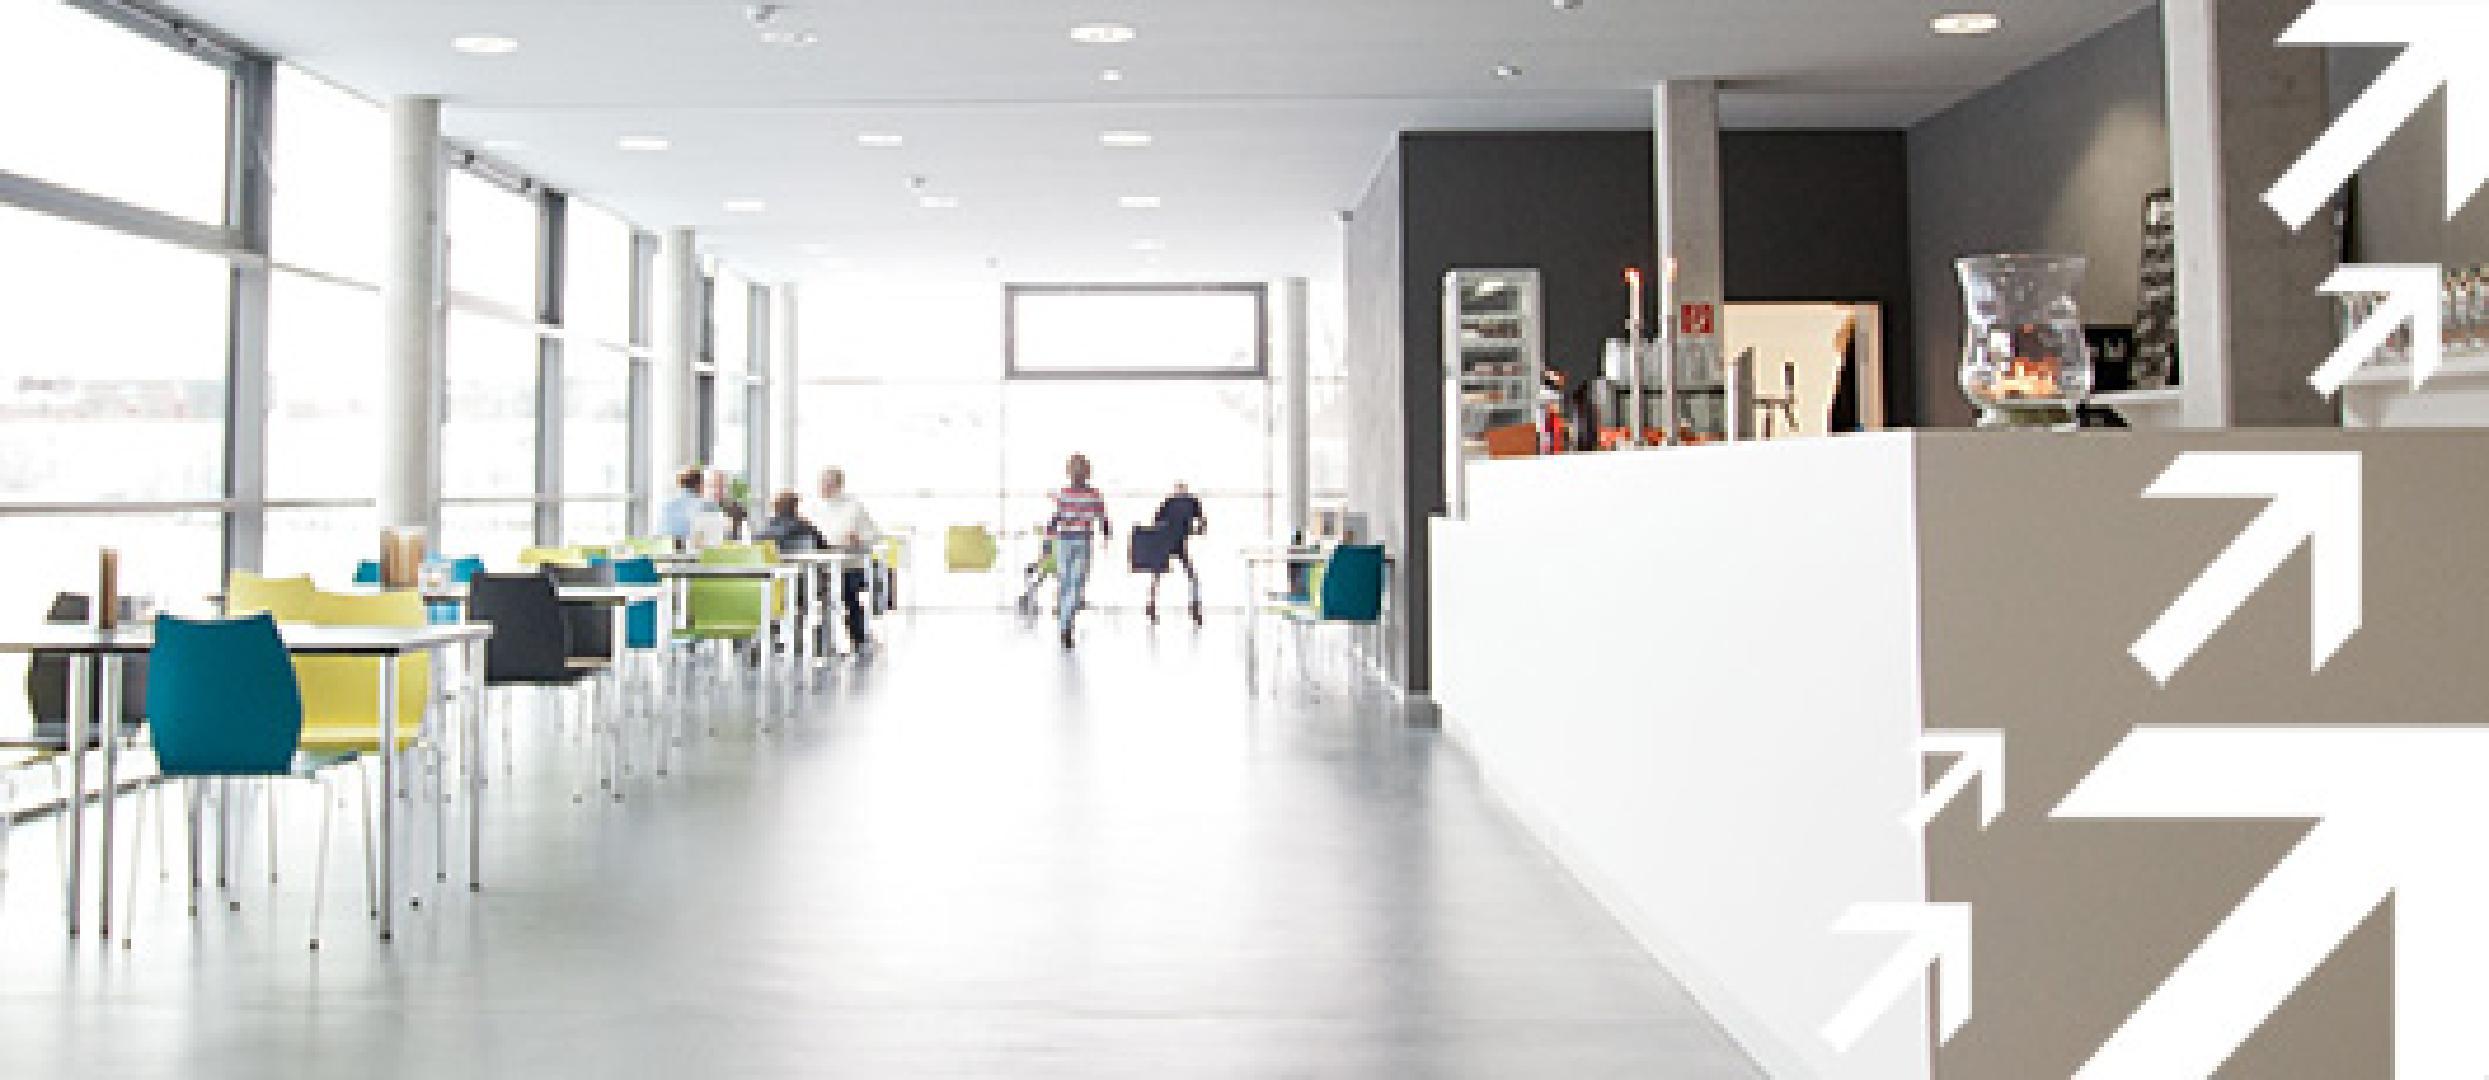 Bild 2 von Tagen im  phanTECHNIKUM in Wismar